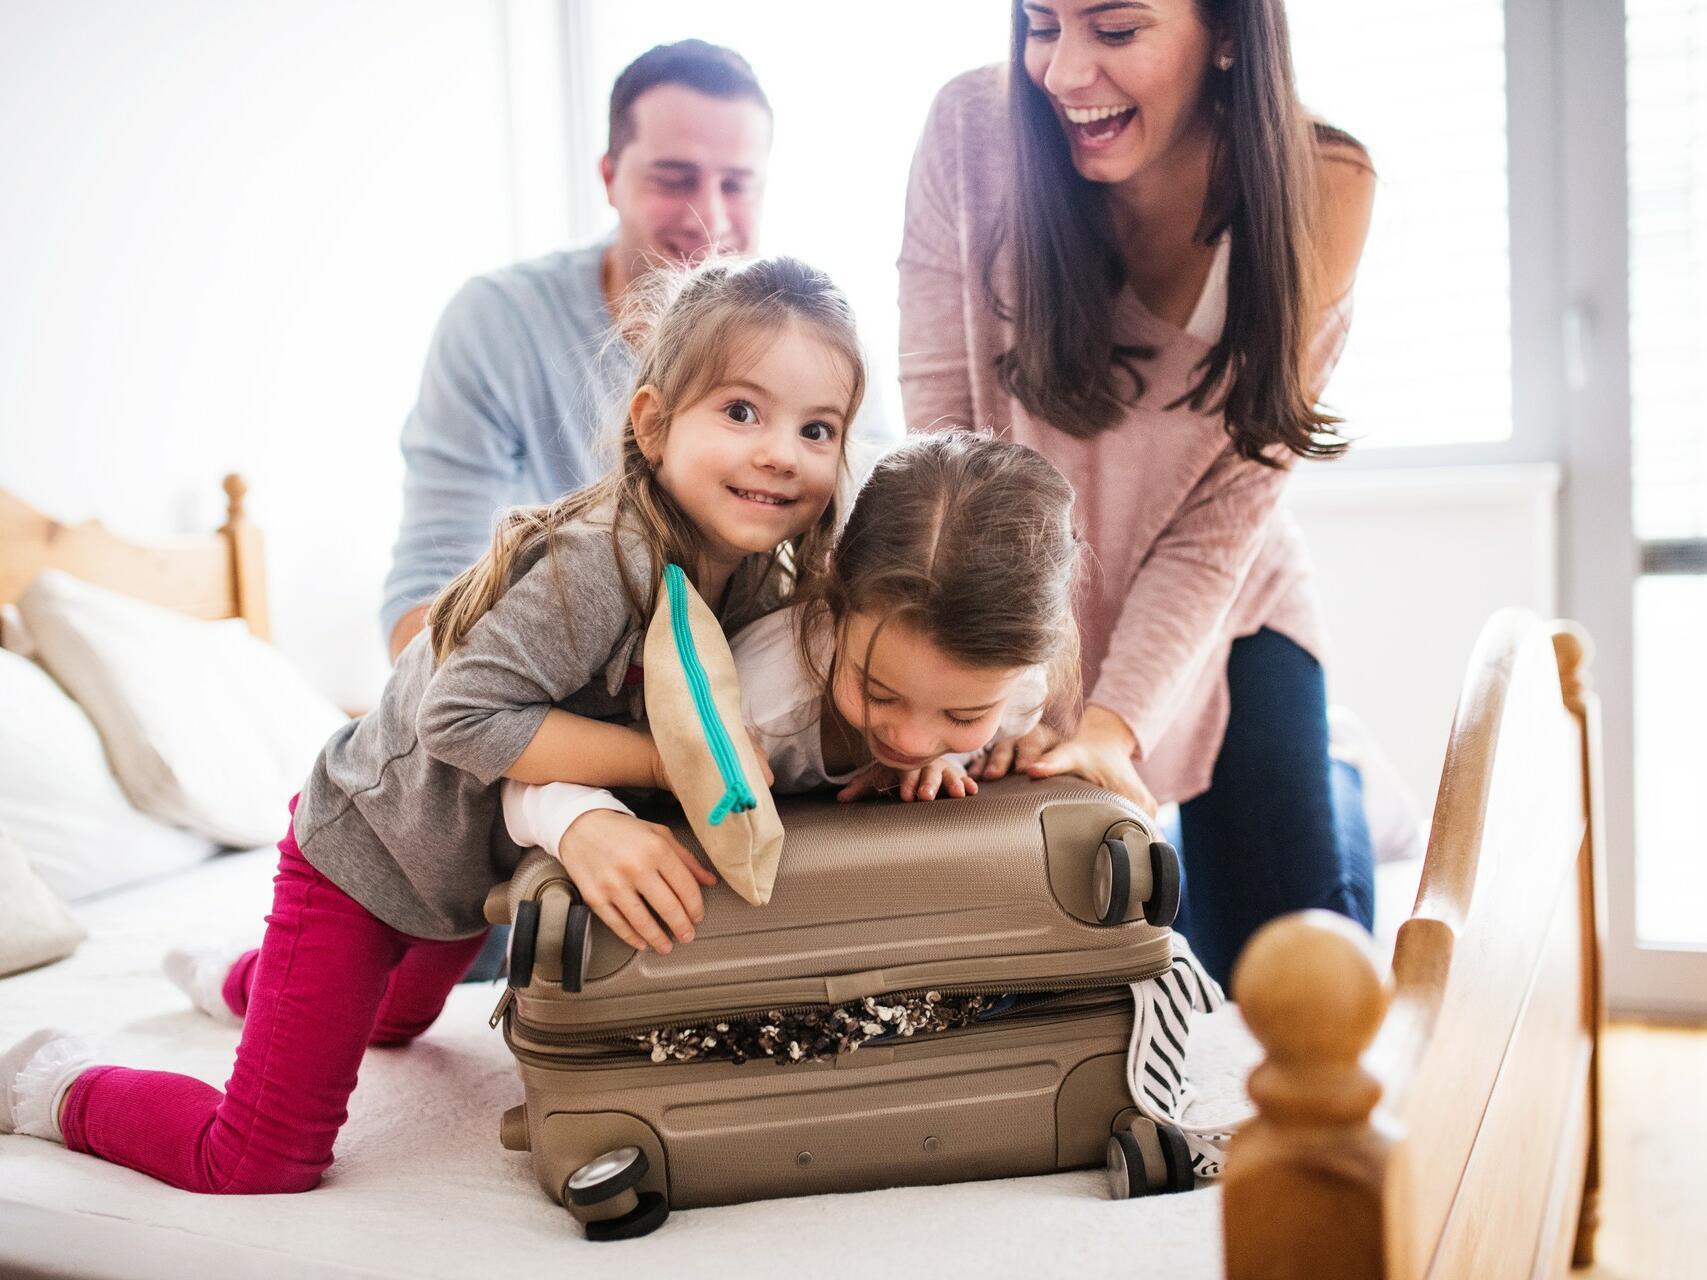 Family enjoying their weekend - Monte Carlo Inn Toronto Markham